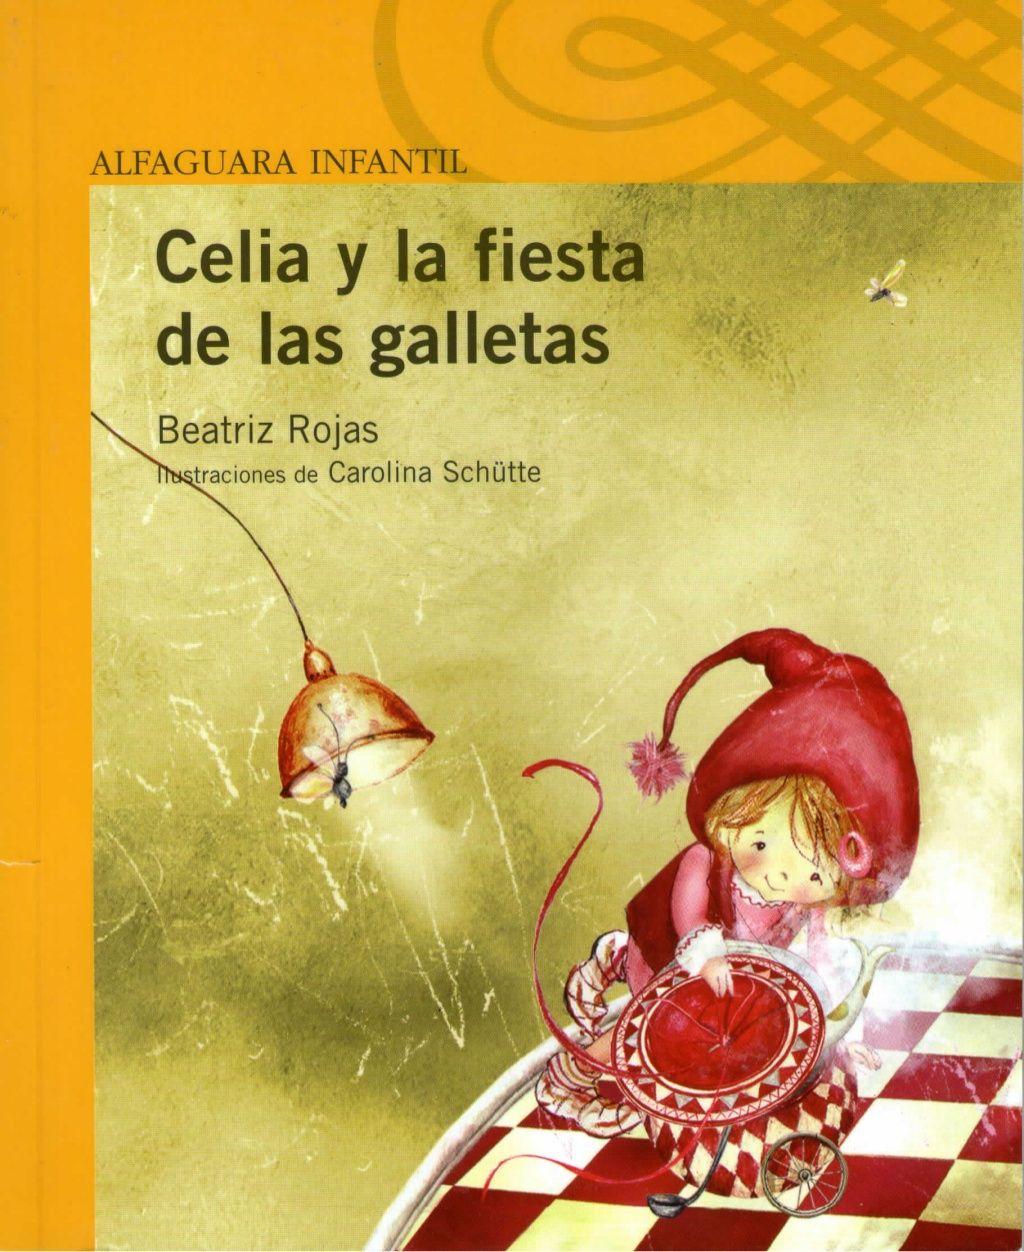 Celia y la fiesta de las galletas (1) by Karla Arenas Mena via slideshare